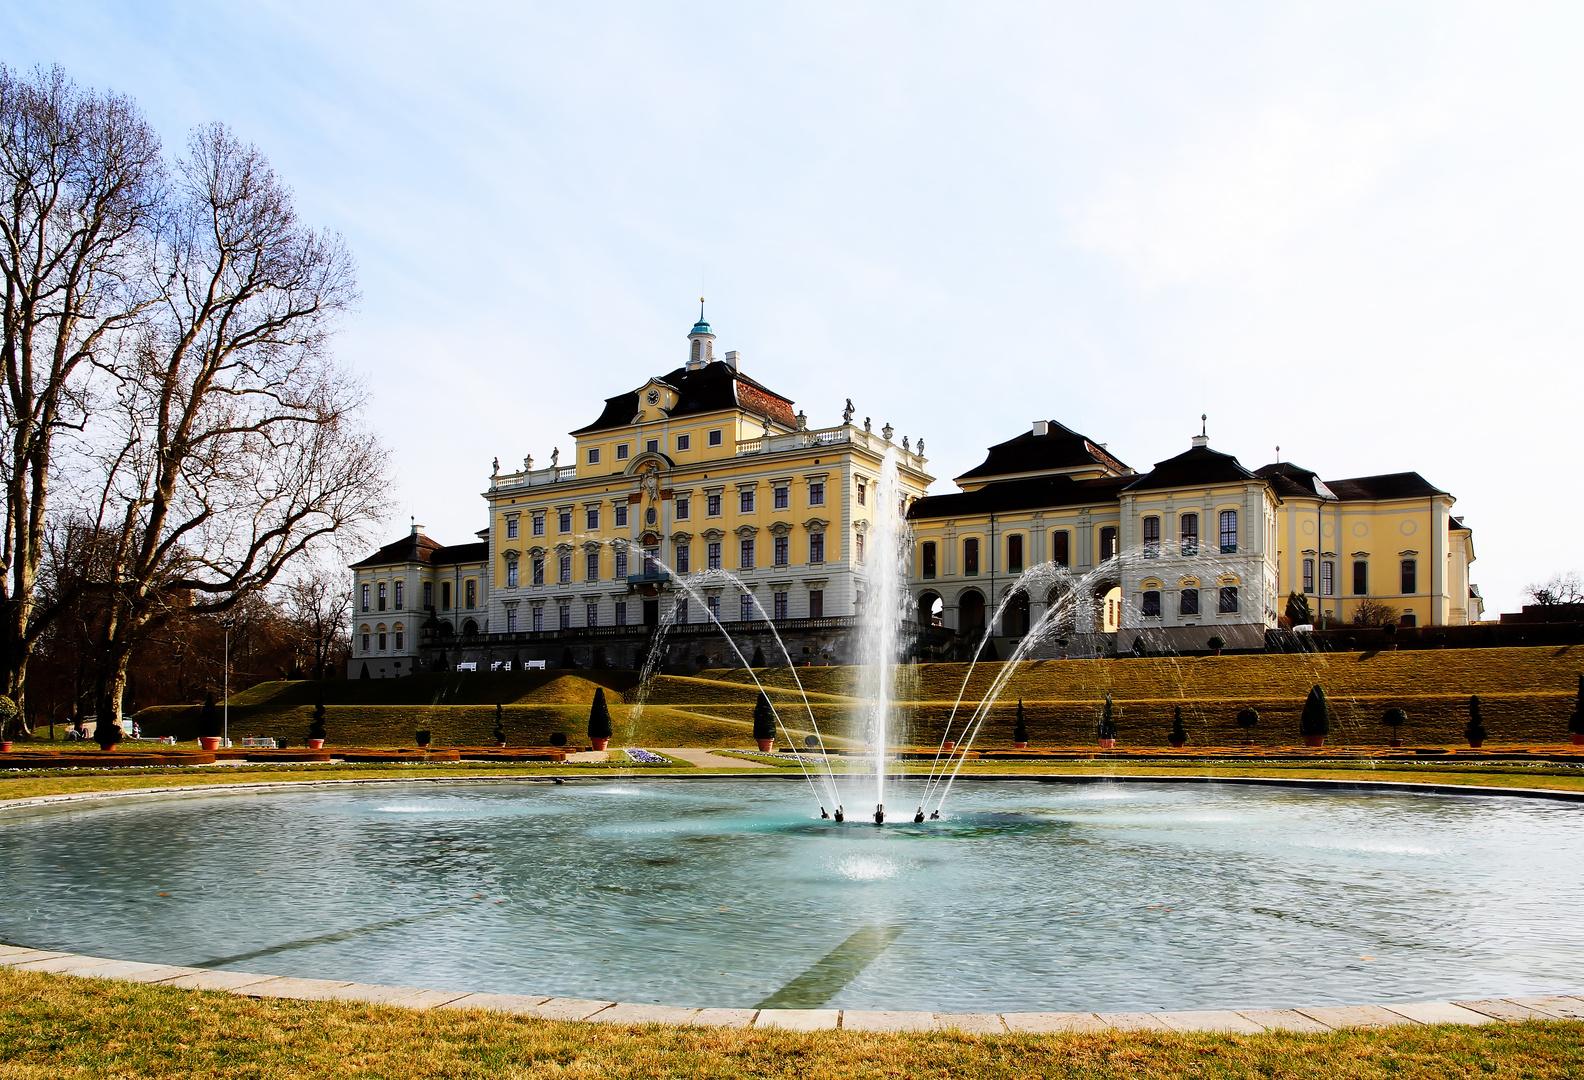 Residenzschloss Ludwigsburg 2